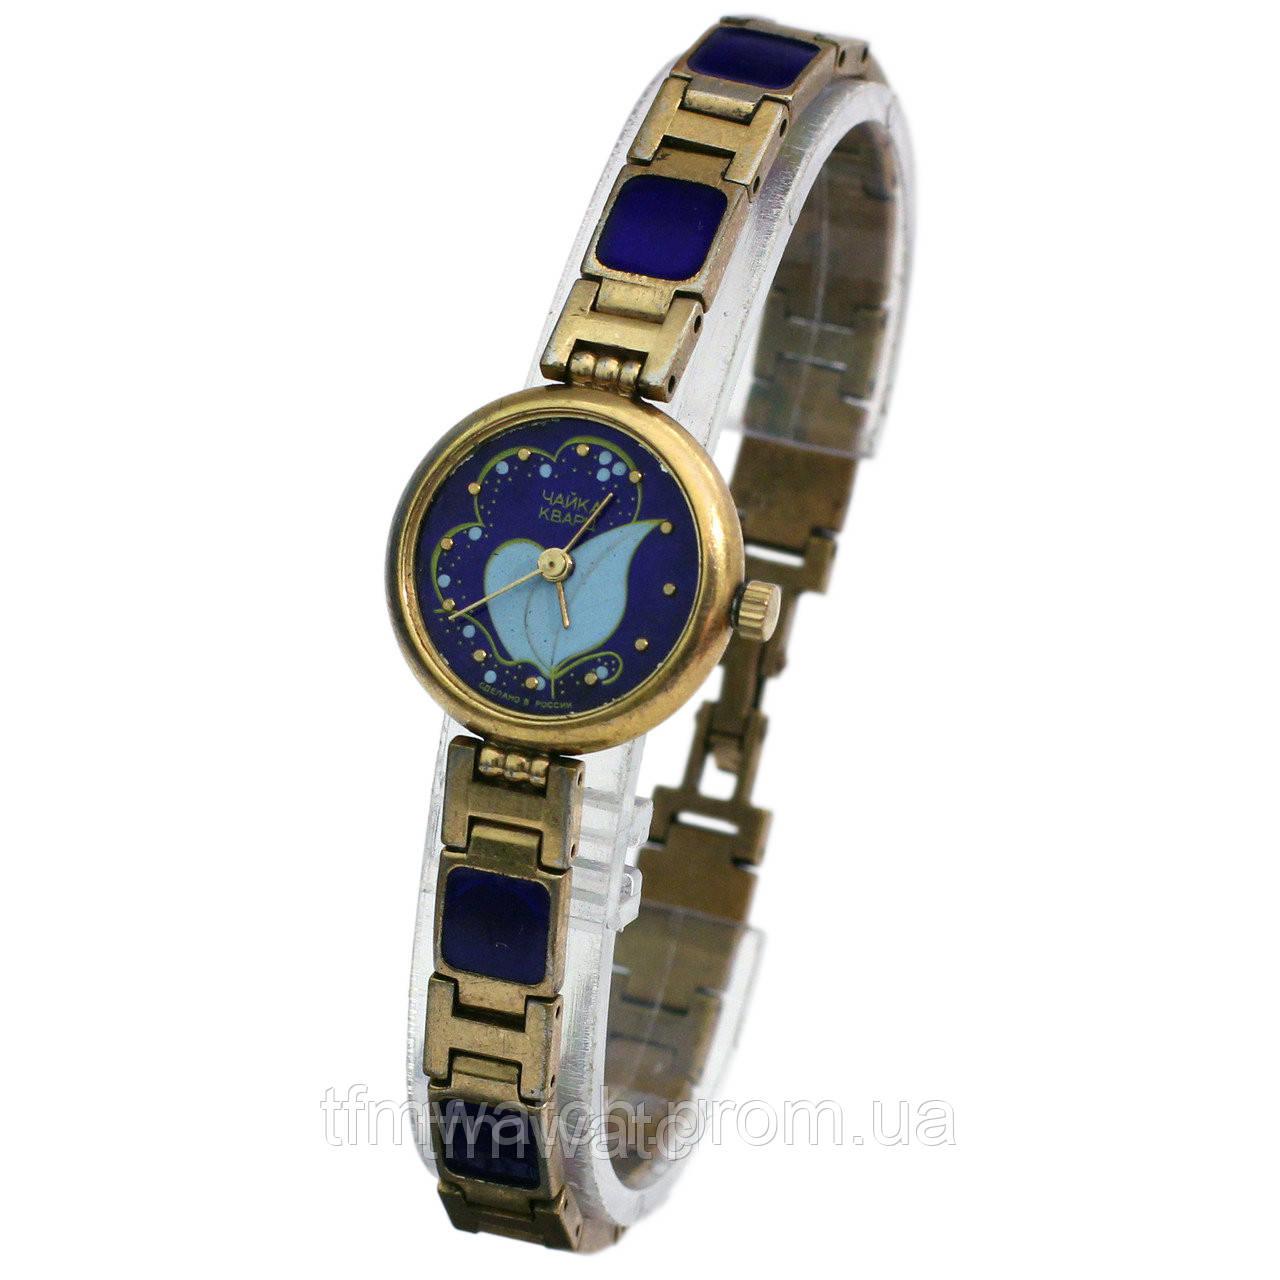 Часы чайка продать скупка часов суточная кругло